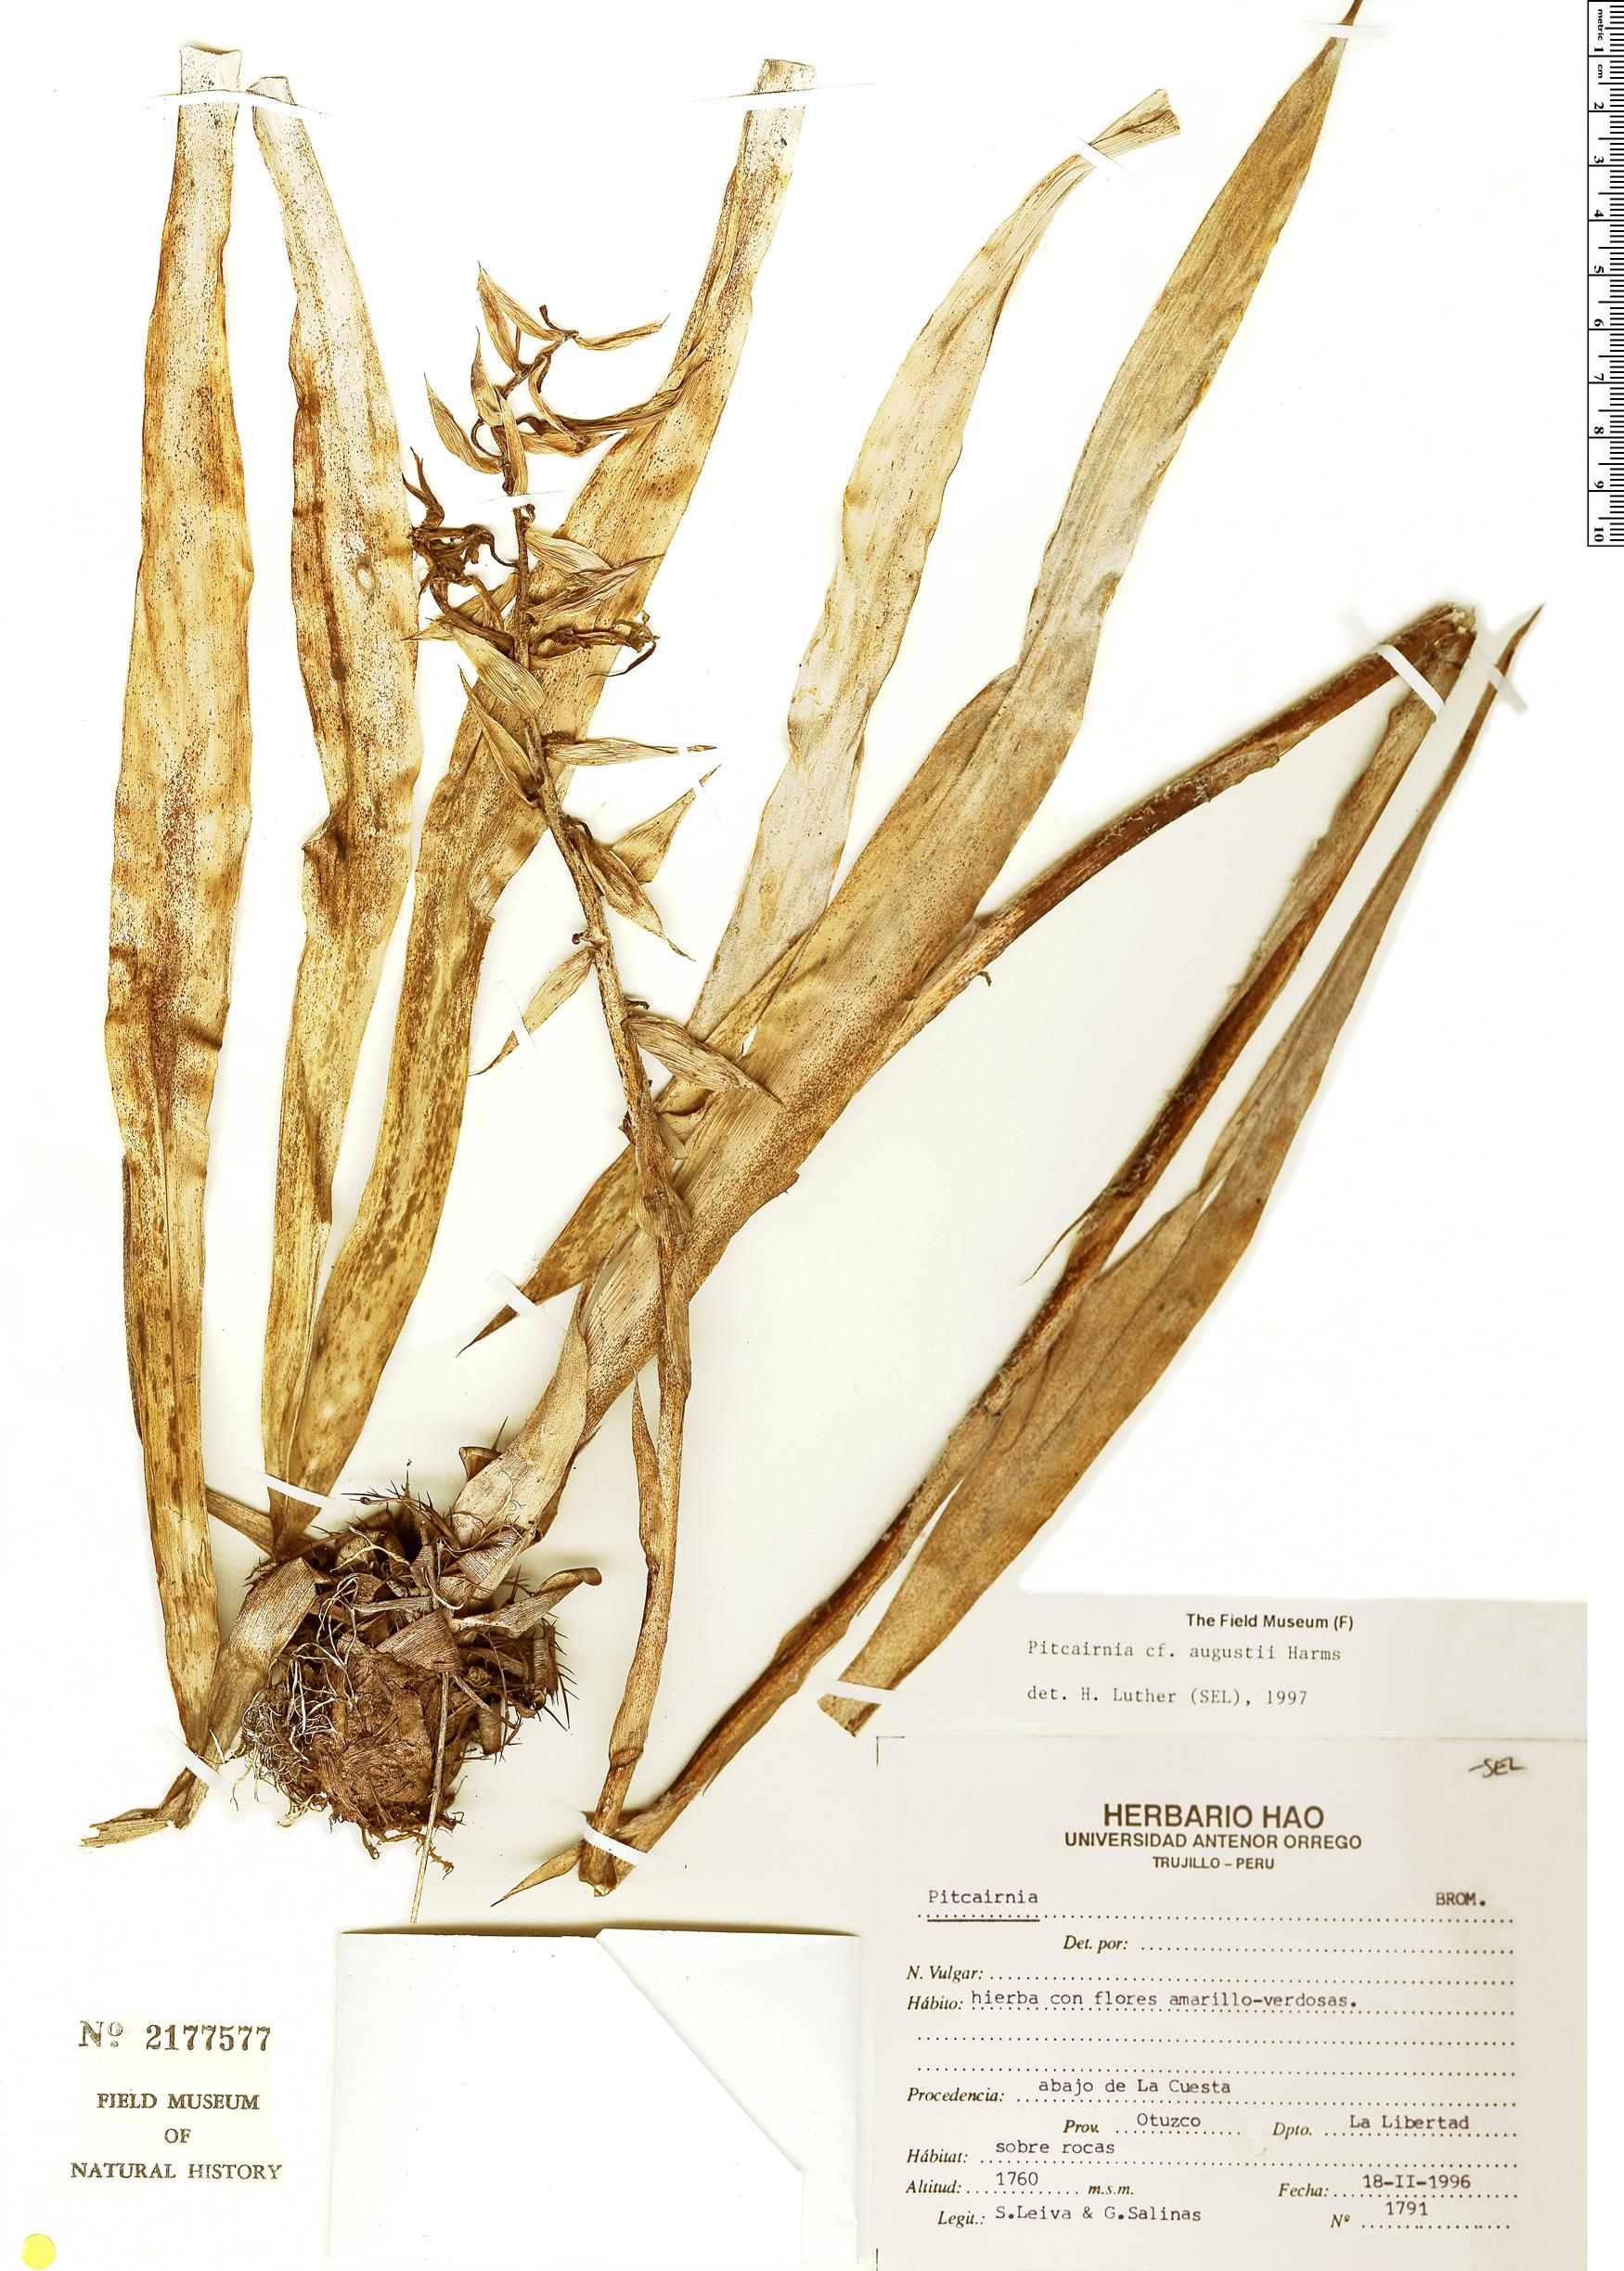 Specimen: Pitcairnia augustii